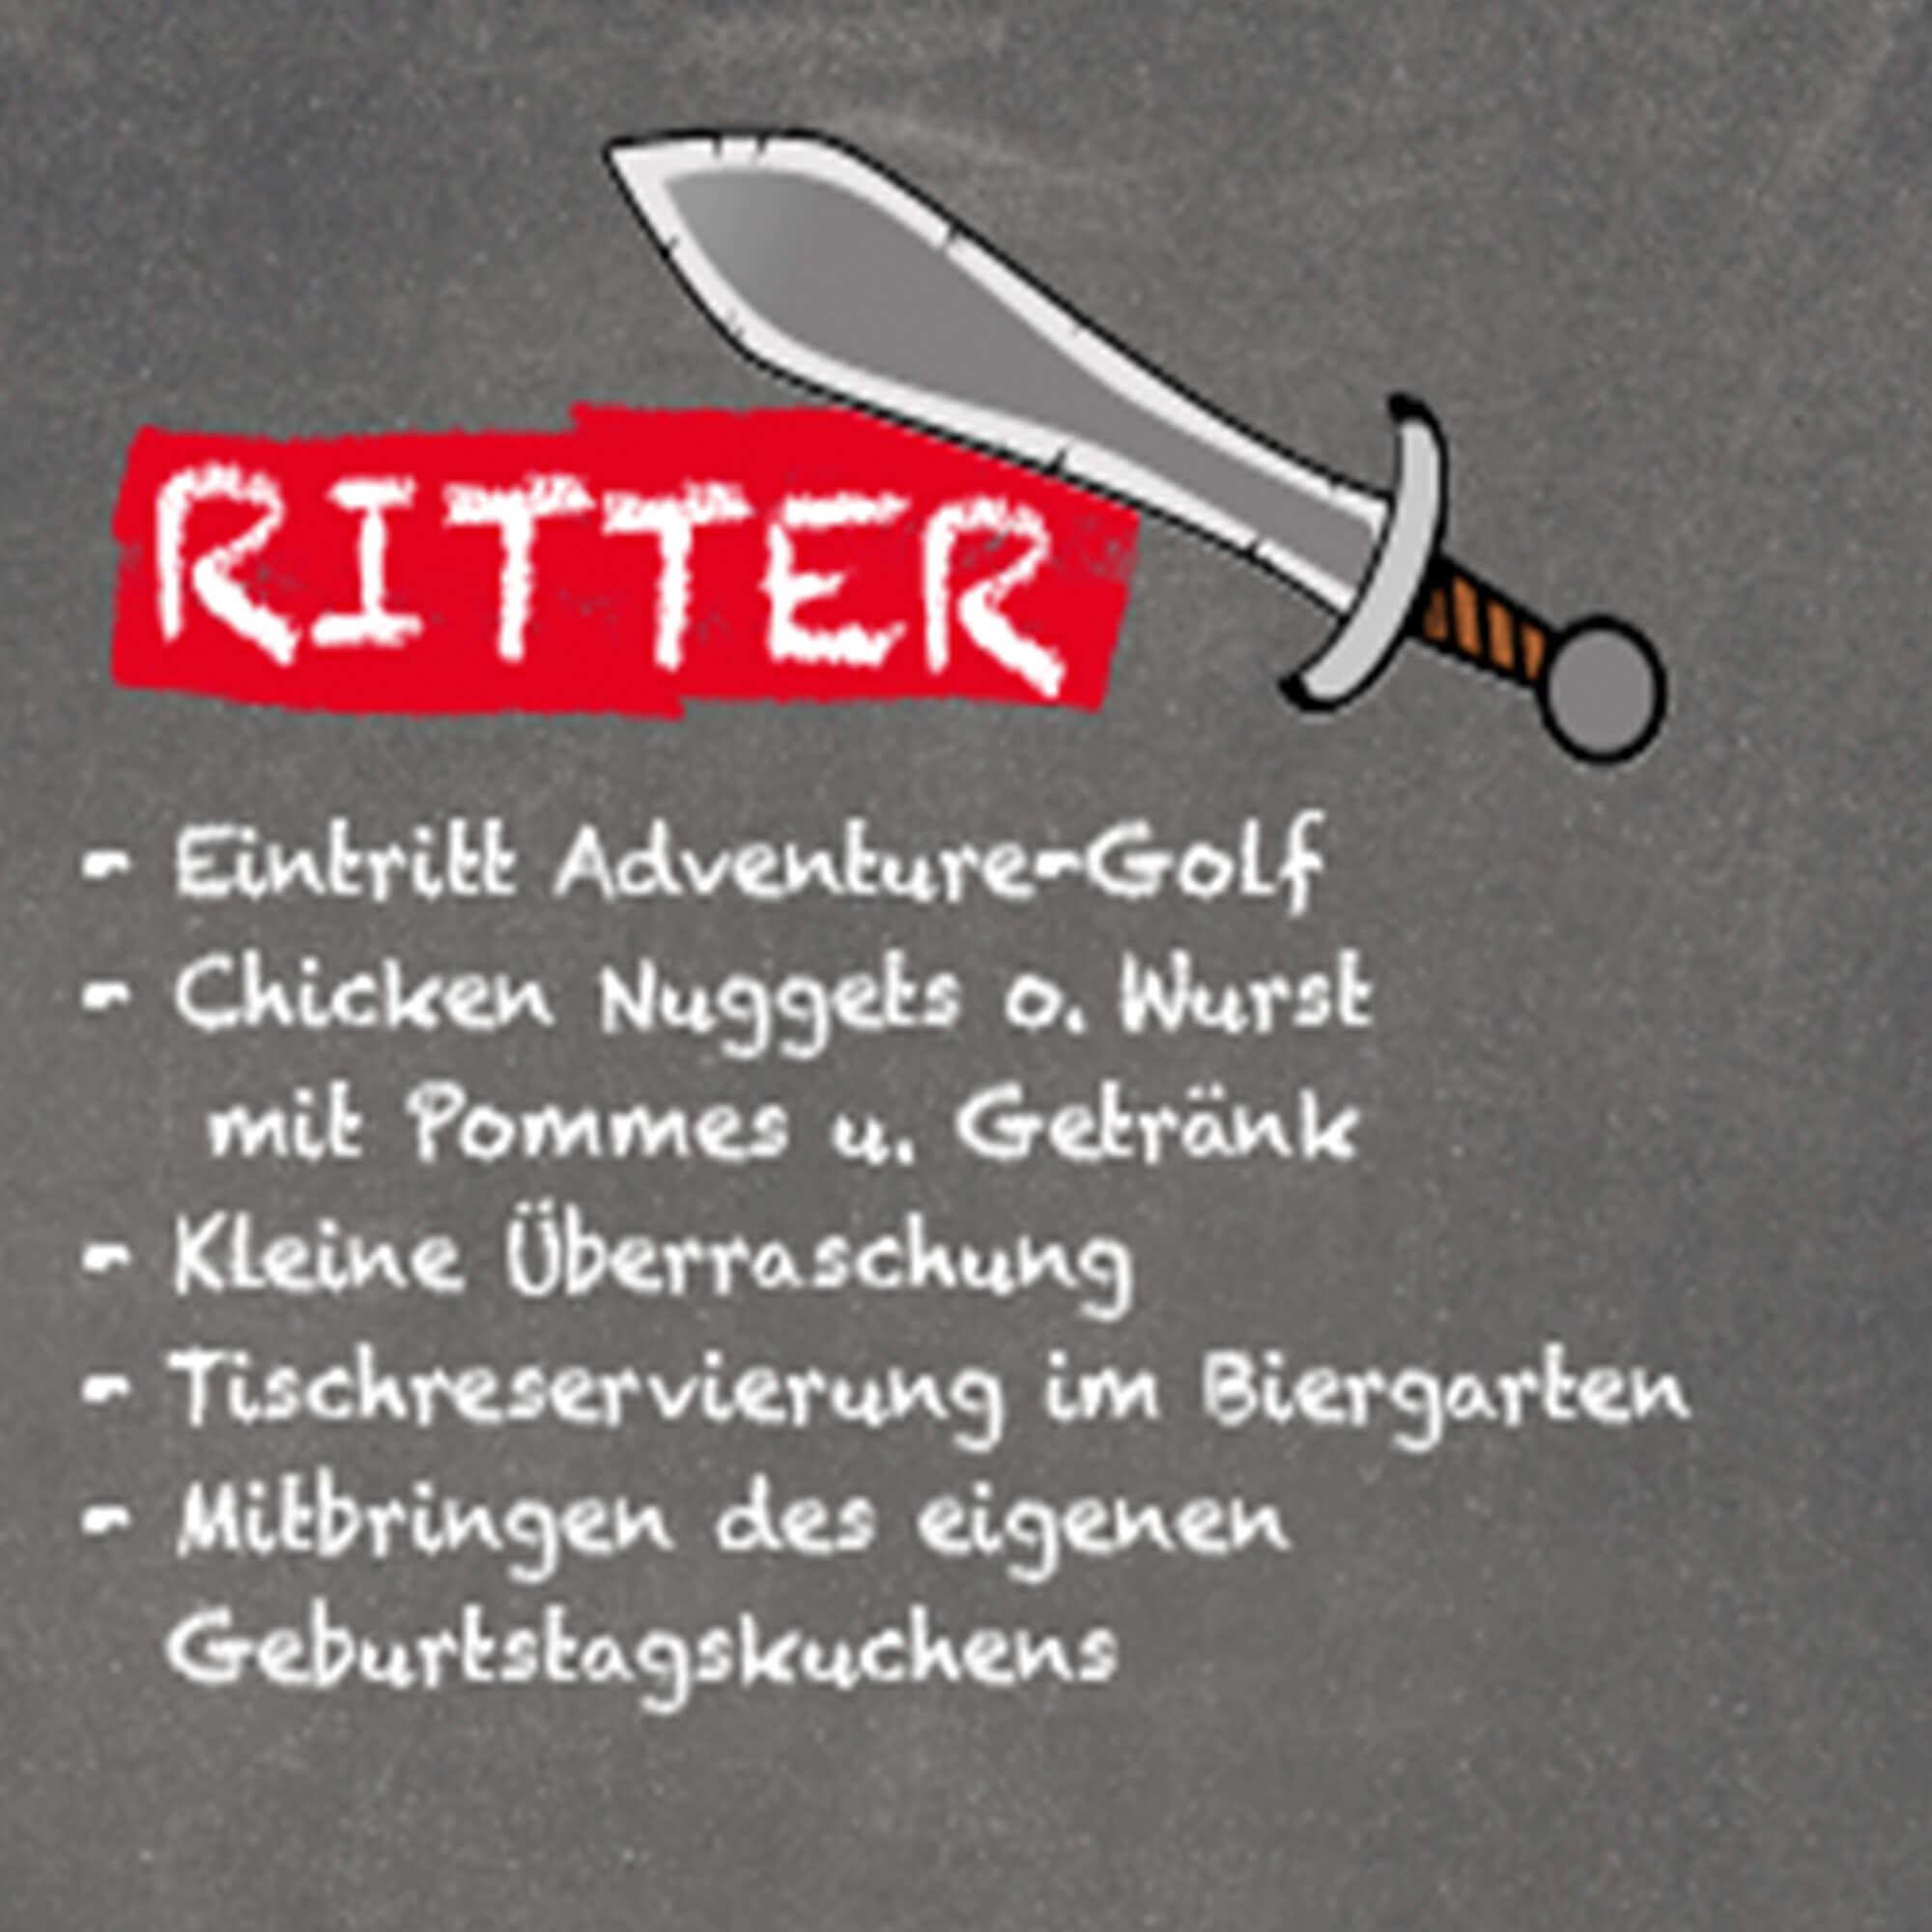 Ritter - Paket